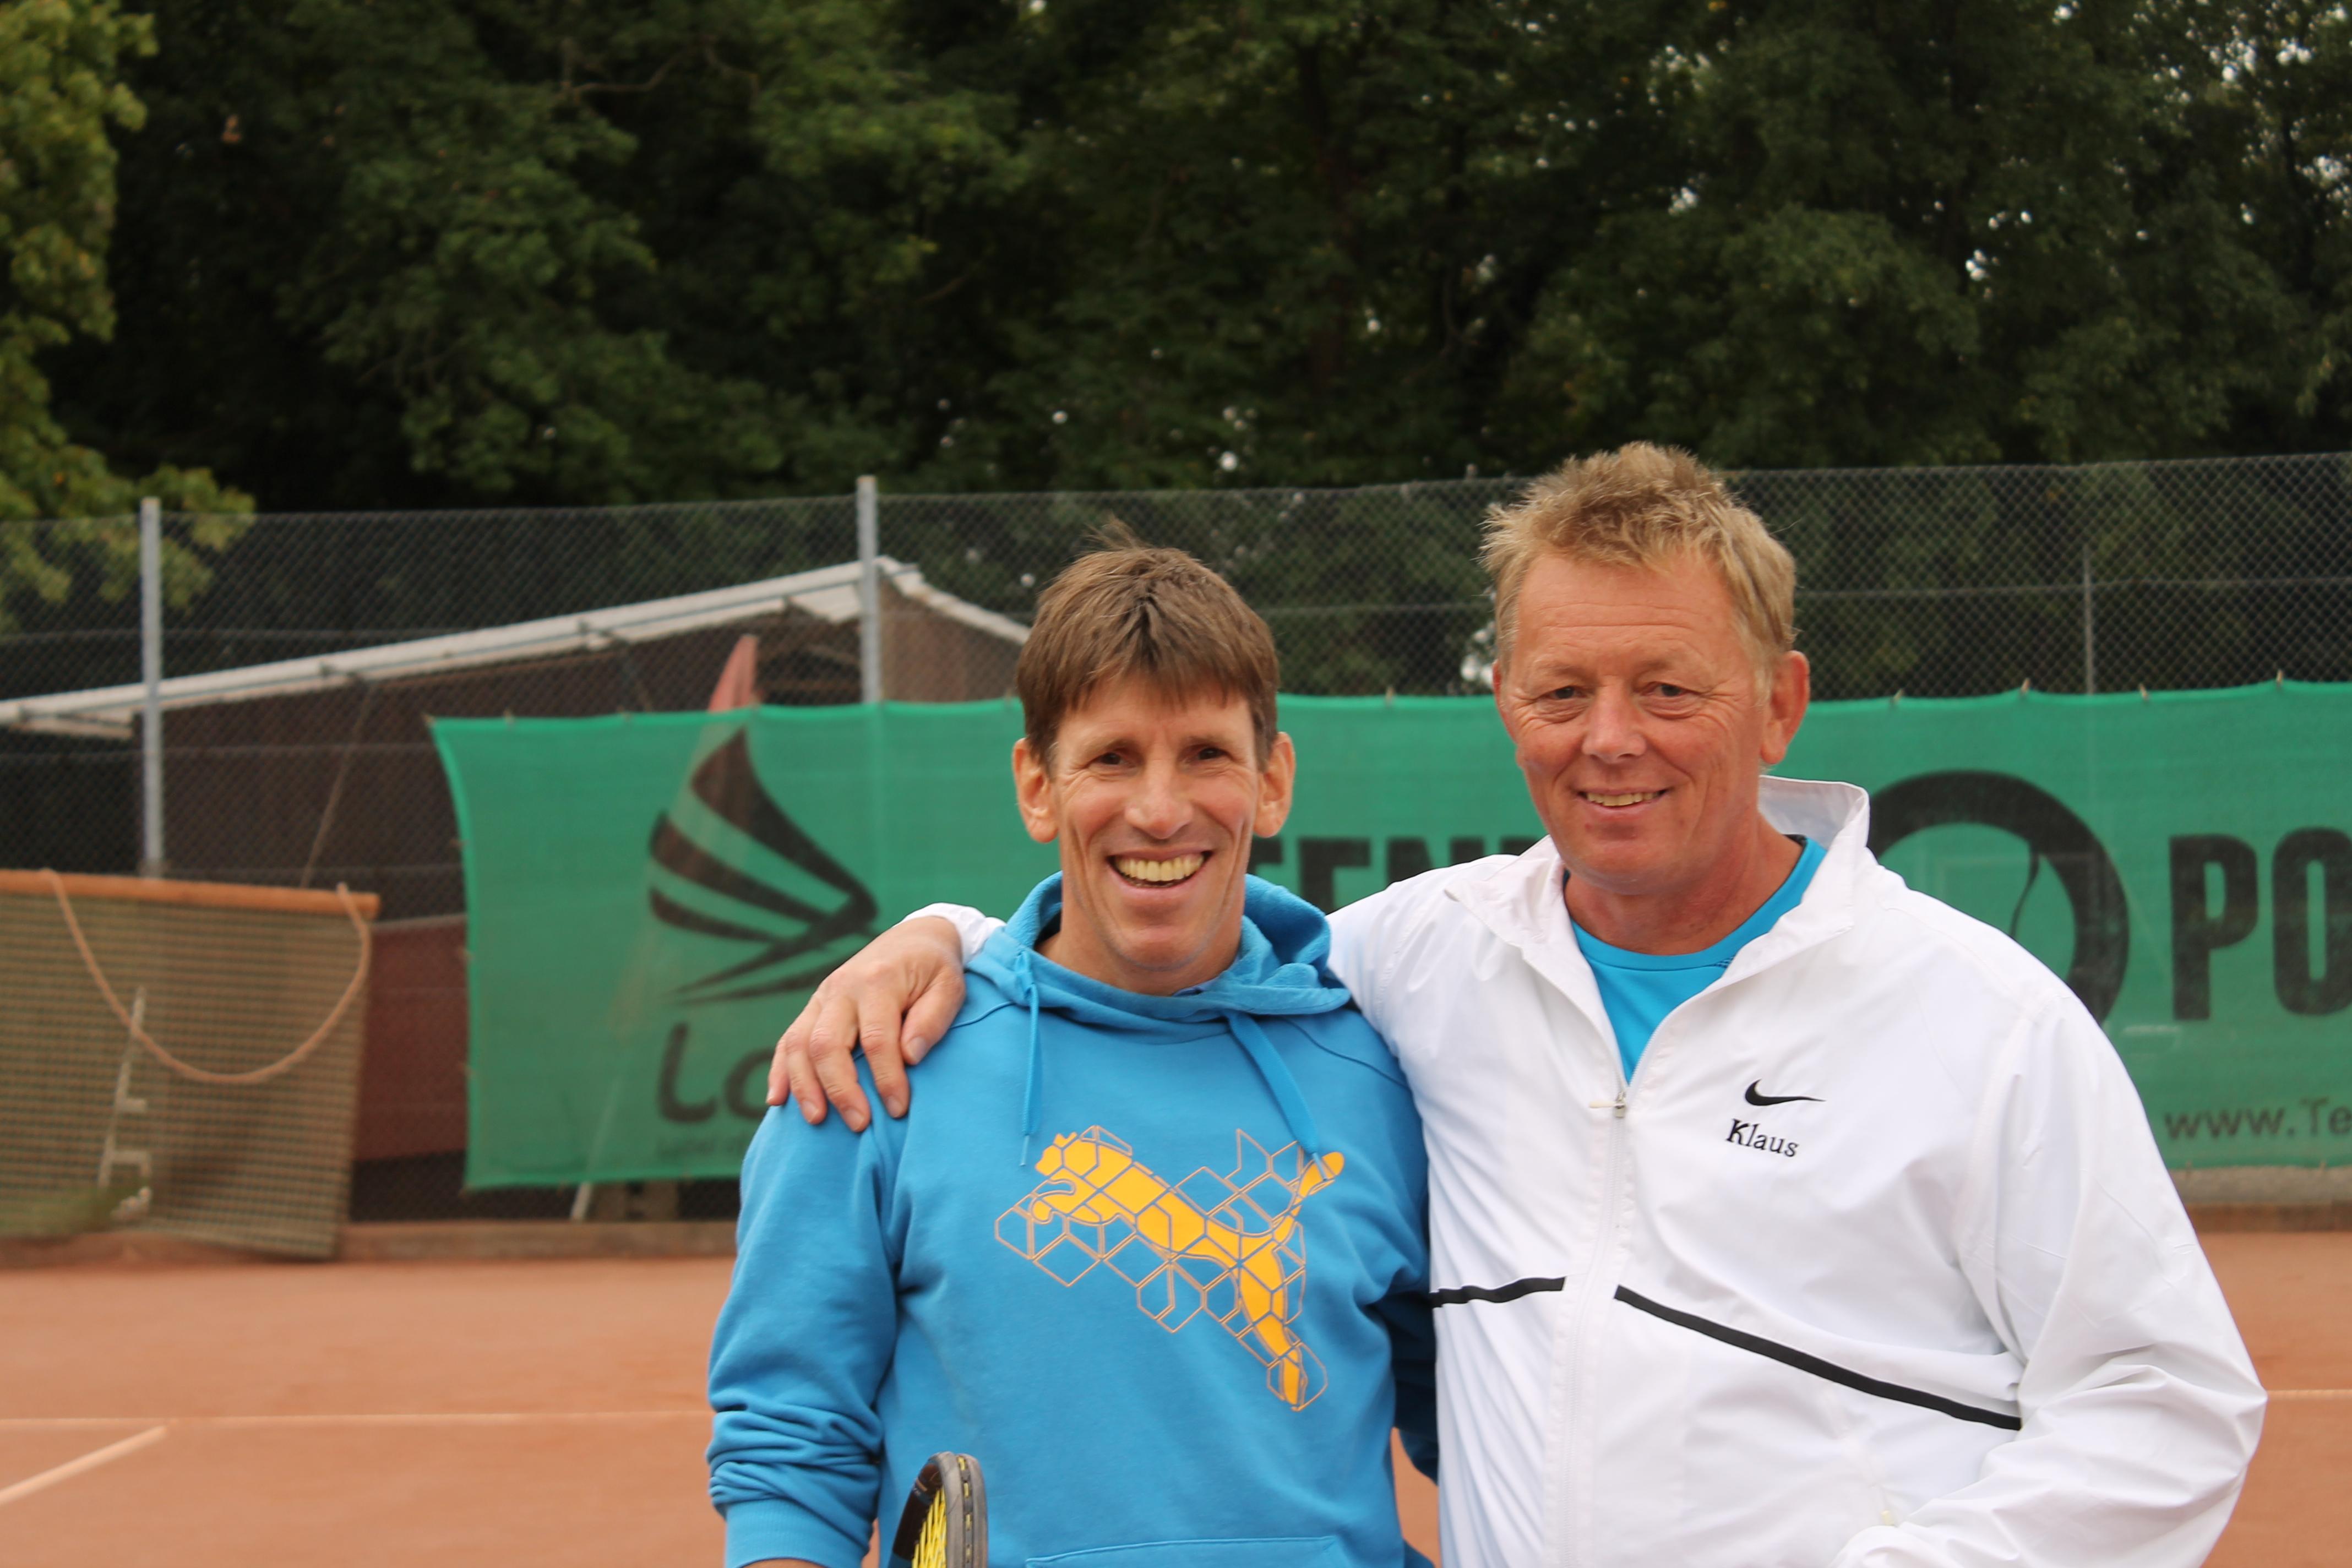 Neben dem Platz gute Freunde - auf dem Platz waren sie diesmal Konkurrenten. Jürgen Leibrich (links) schlug Klaus Jakob (rechts) im Viertelfinale und wurde schließlich Dritter. Er musste sich nur Clubmeister Tobias Brandt geschlagen geben